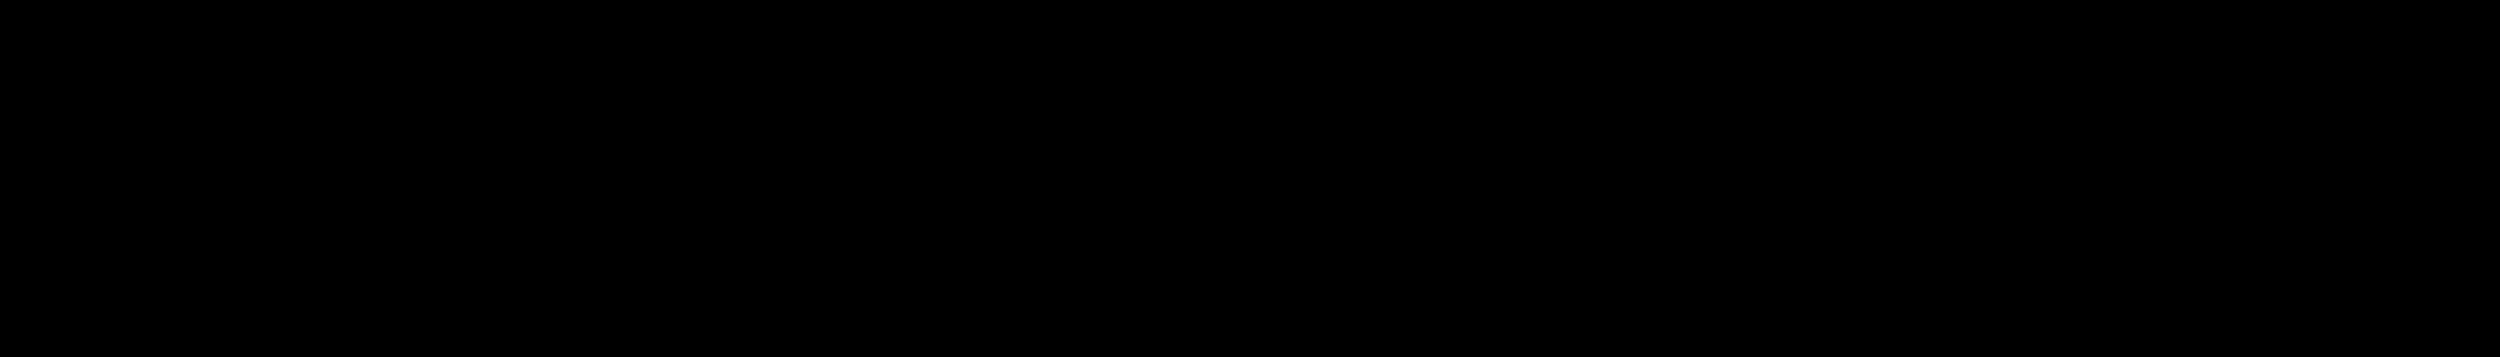 pbr-logo-horizontal.png